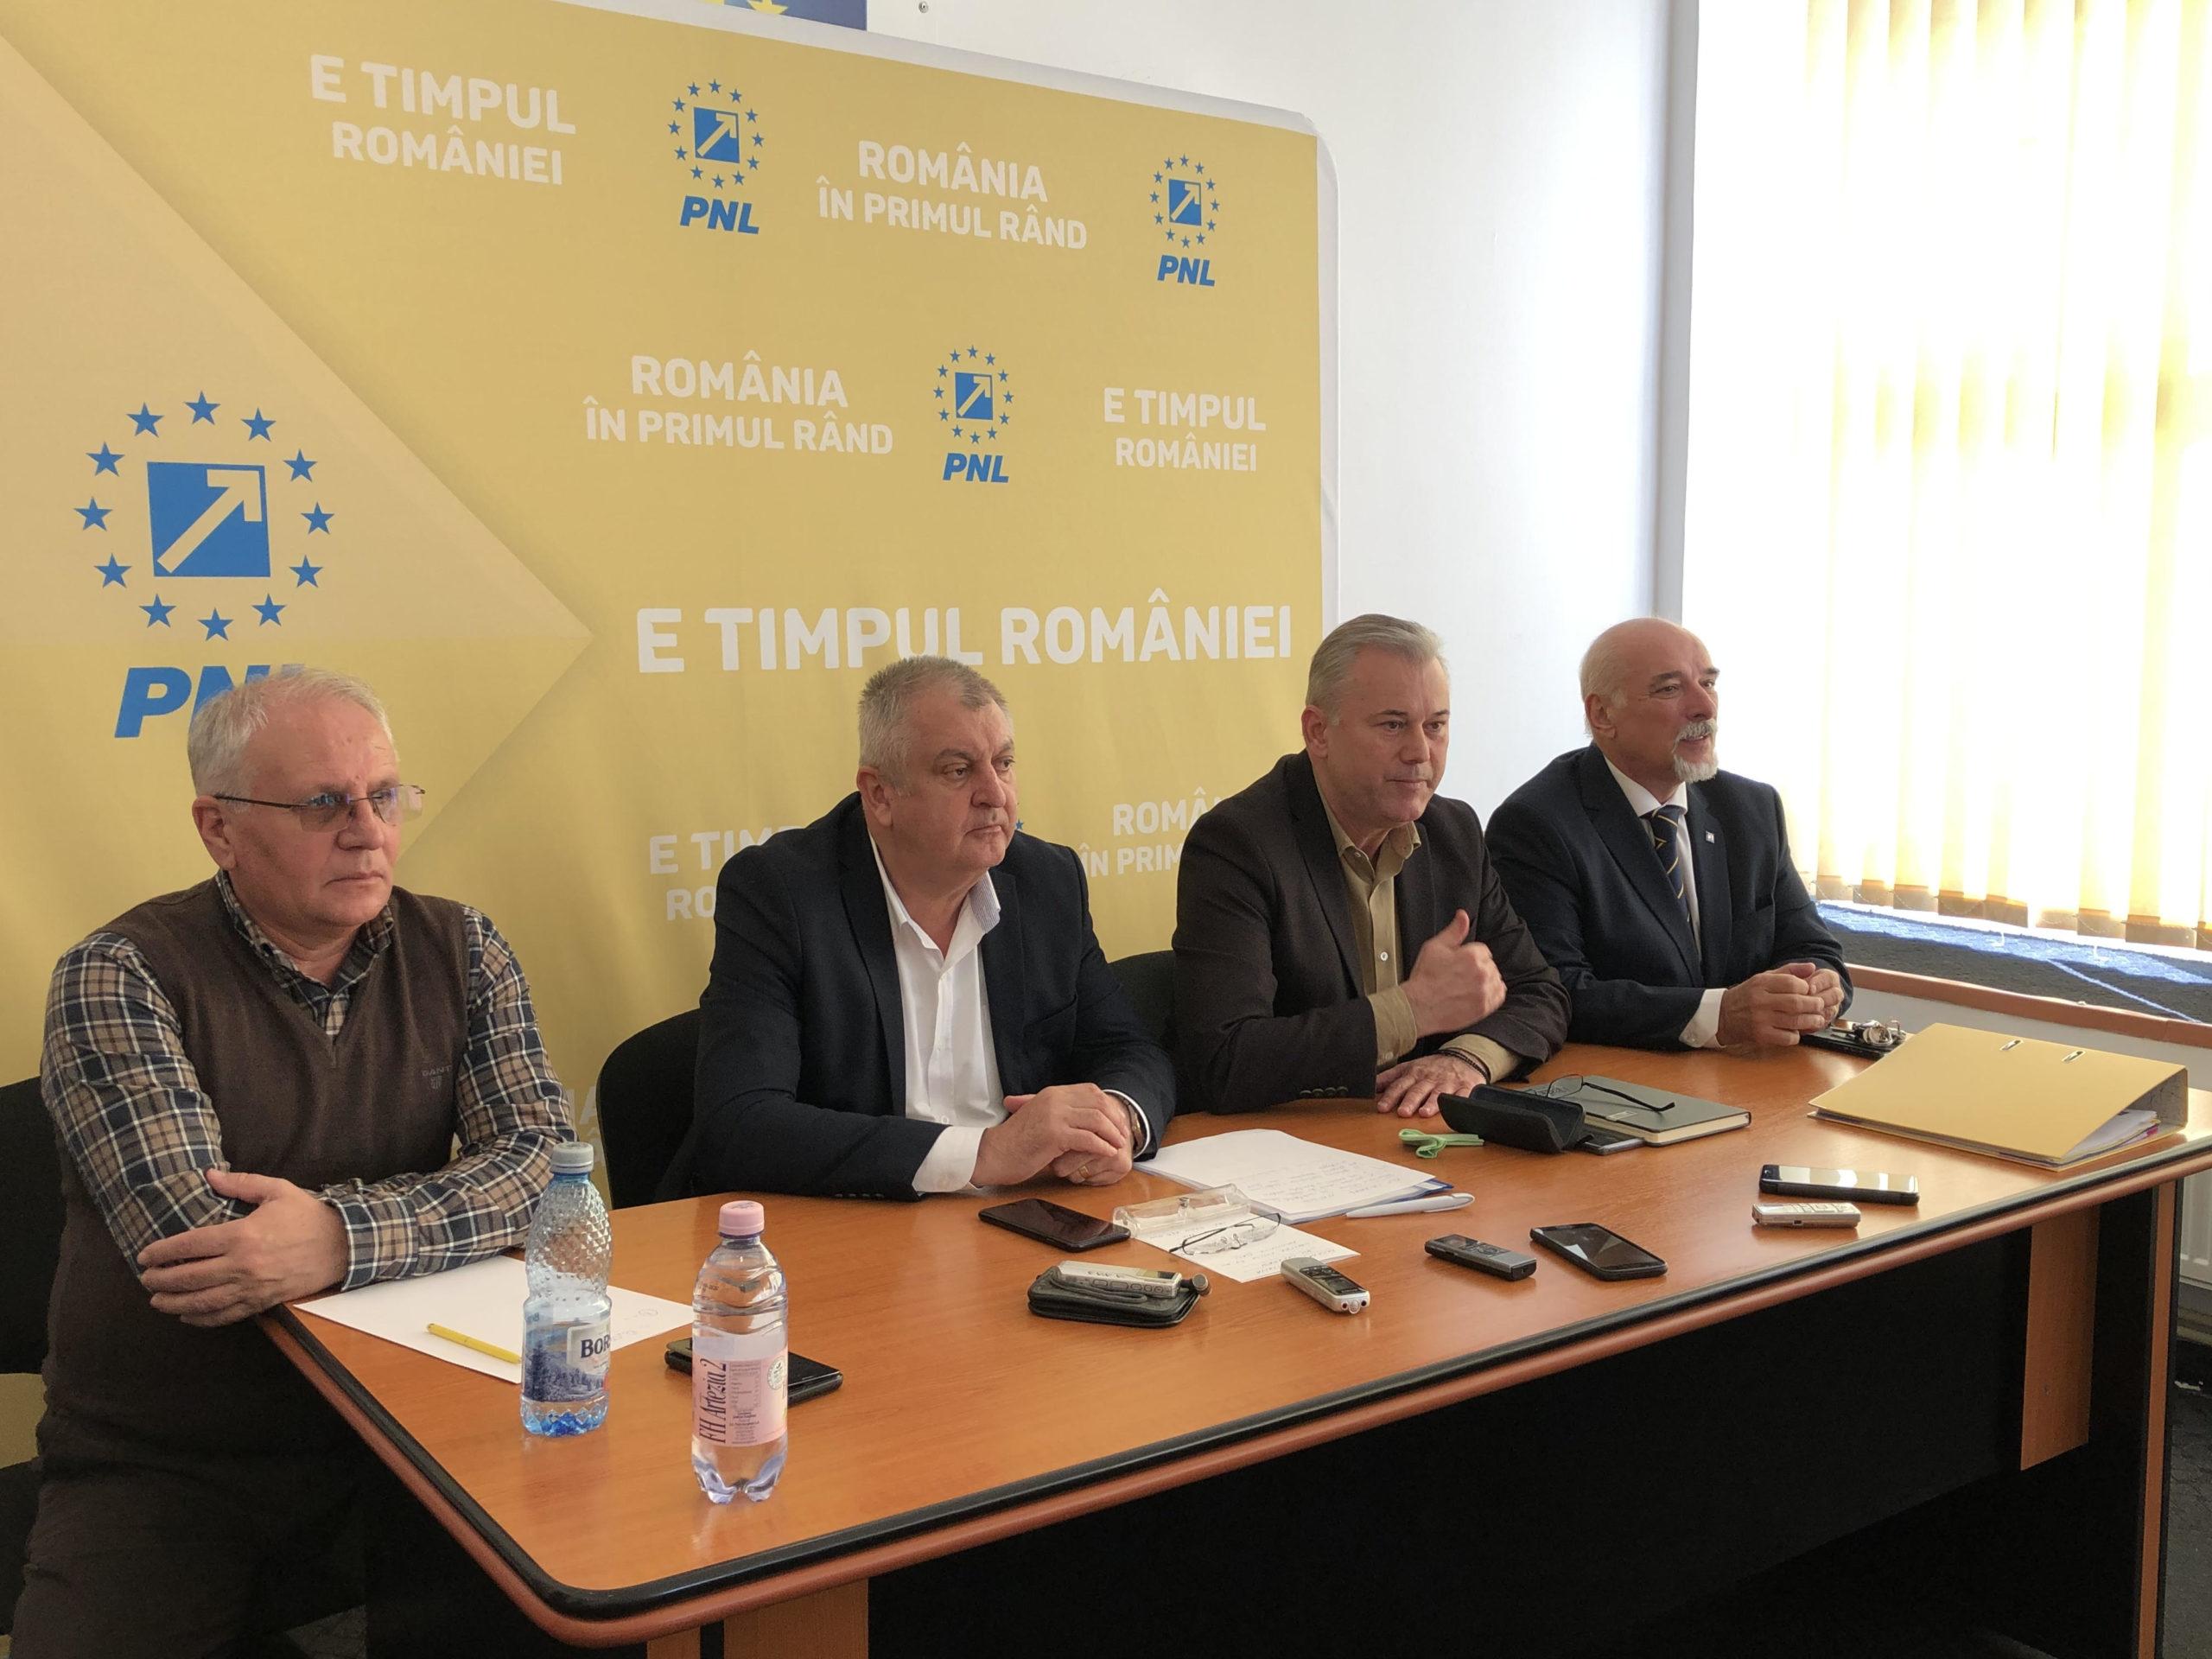 Drăgulin și Barbu, validați de BPN al PNL pentru candidatura la Primăria Călărași, respectiv președinția CJ